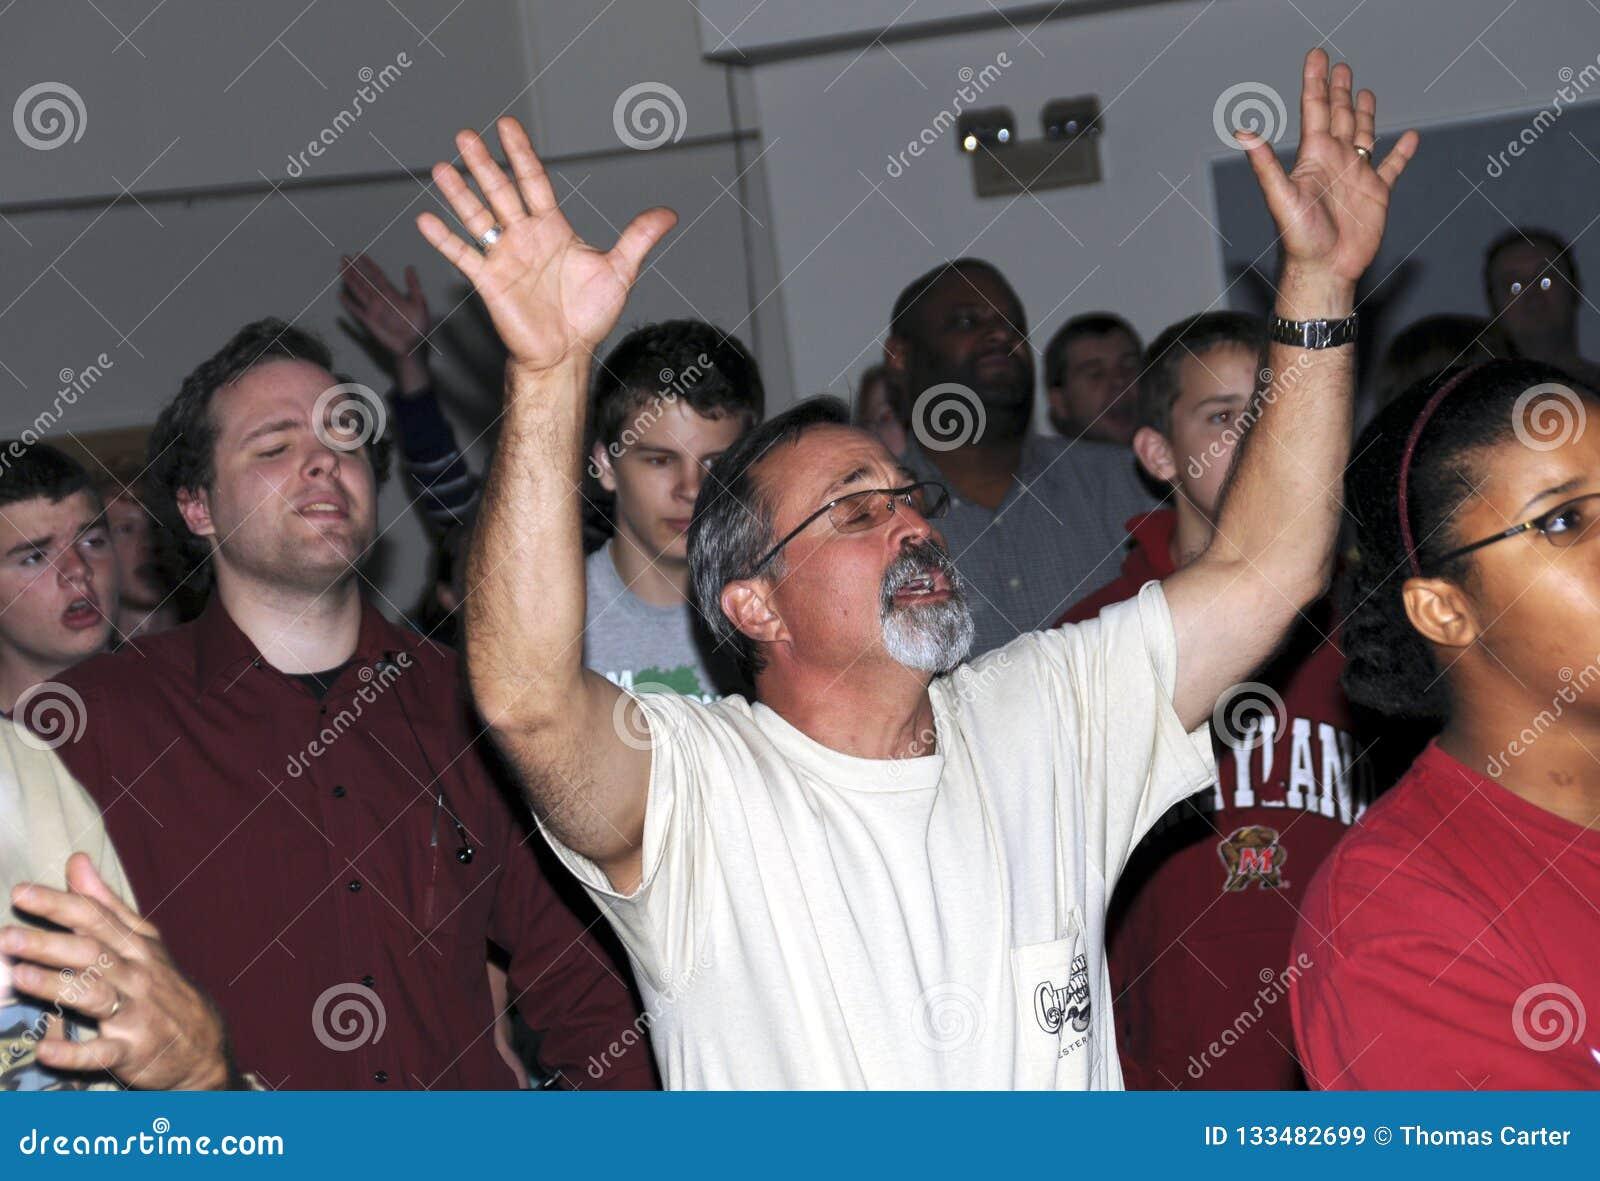 Man worships God in a church service